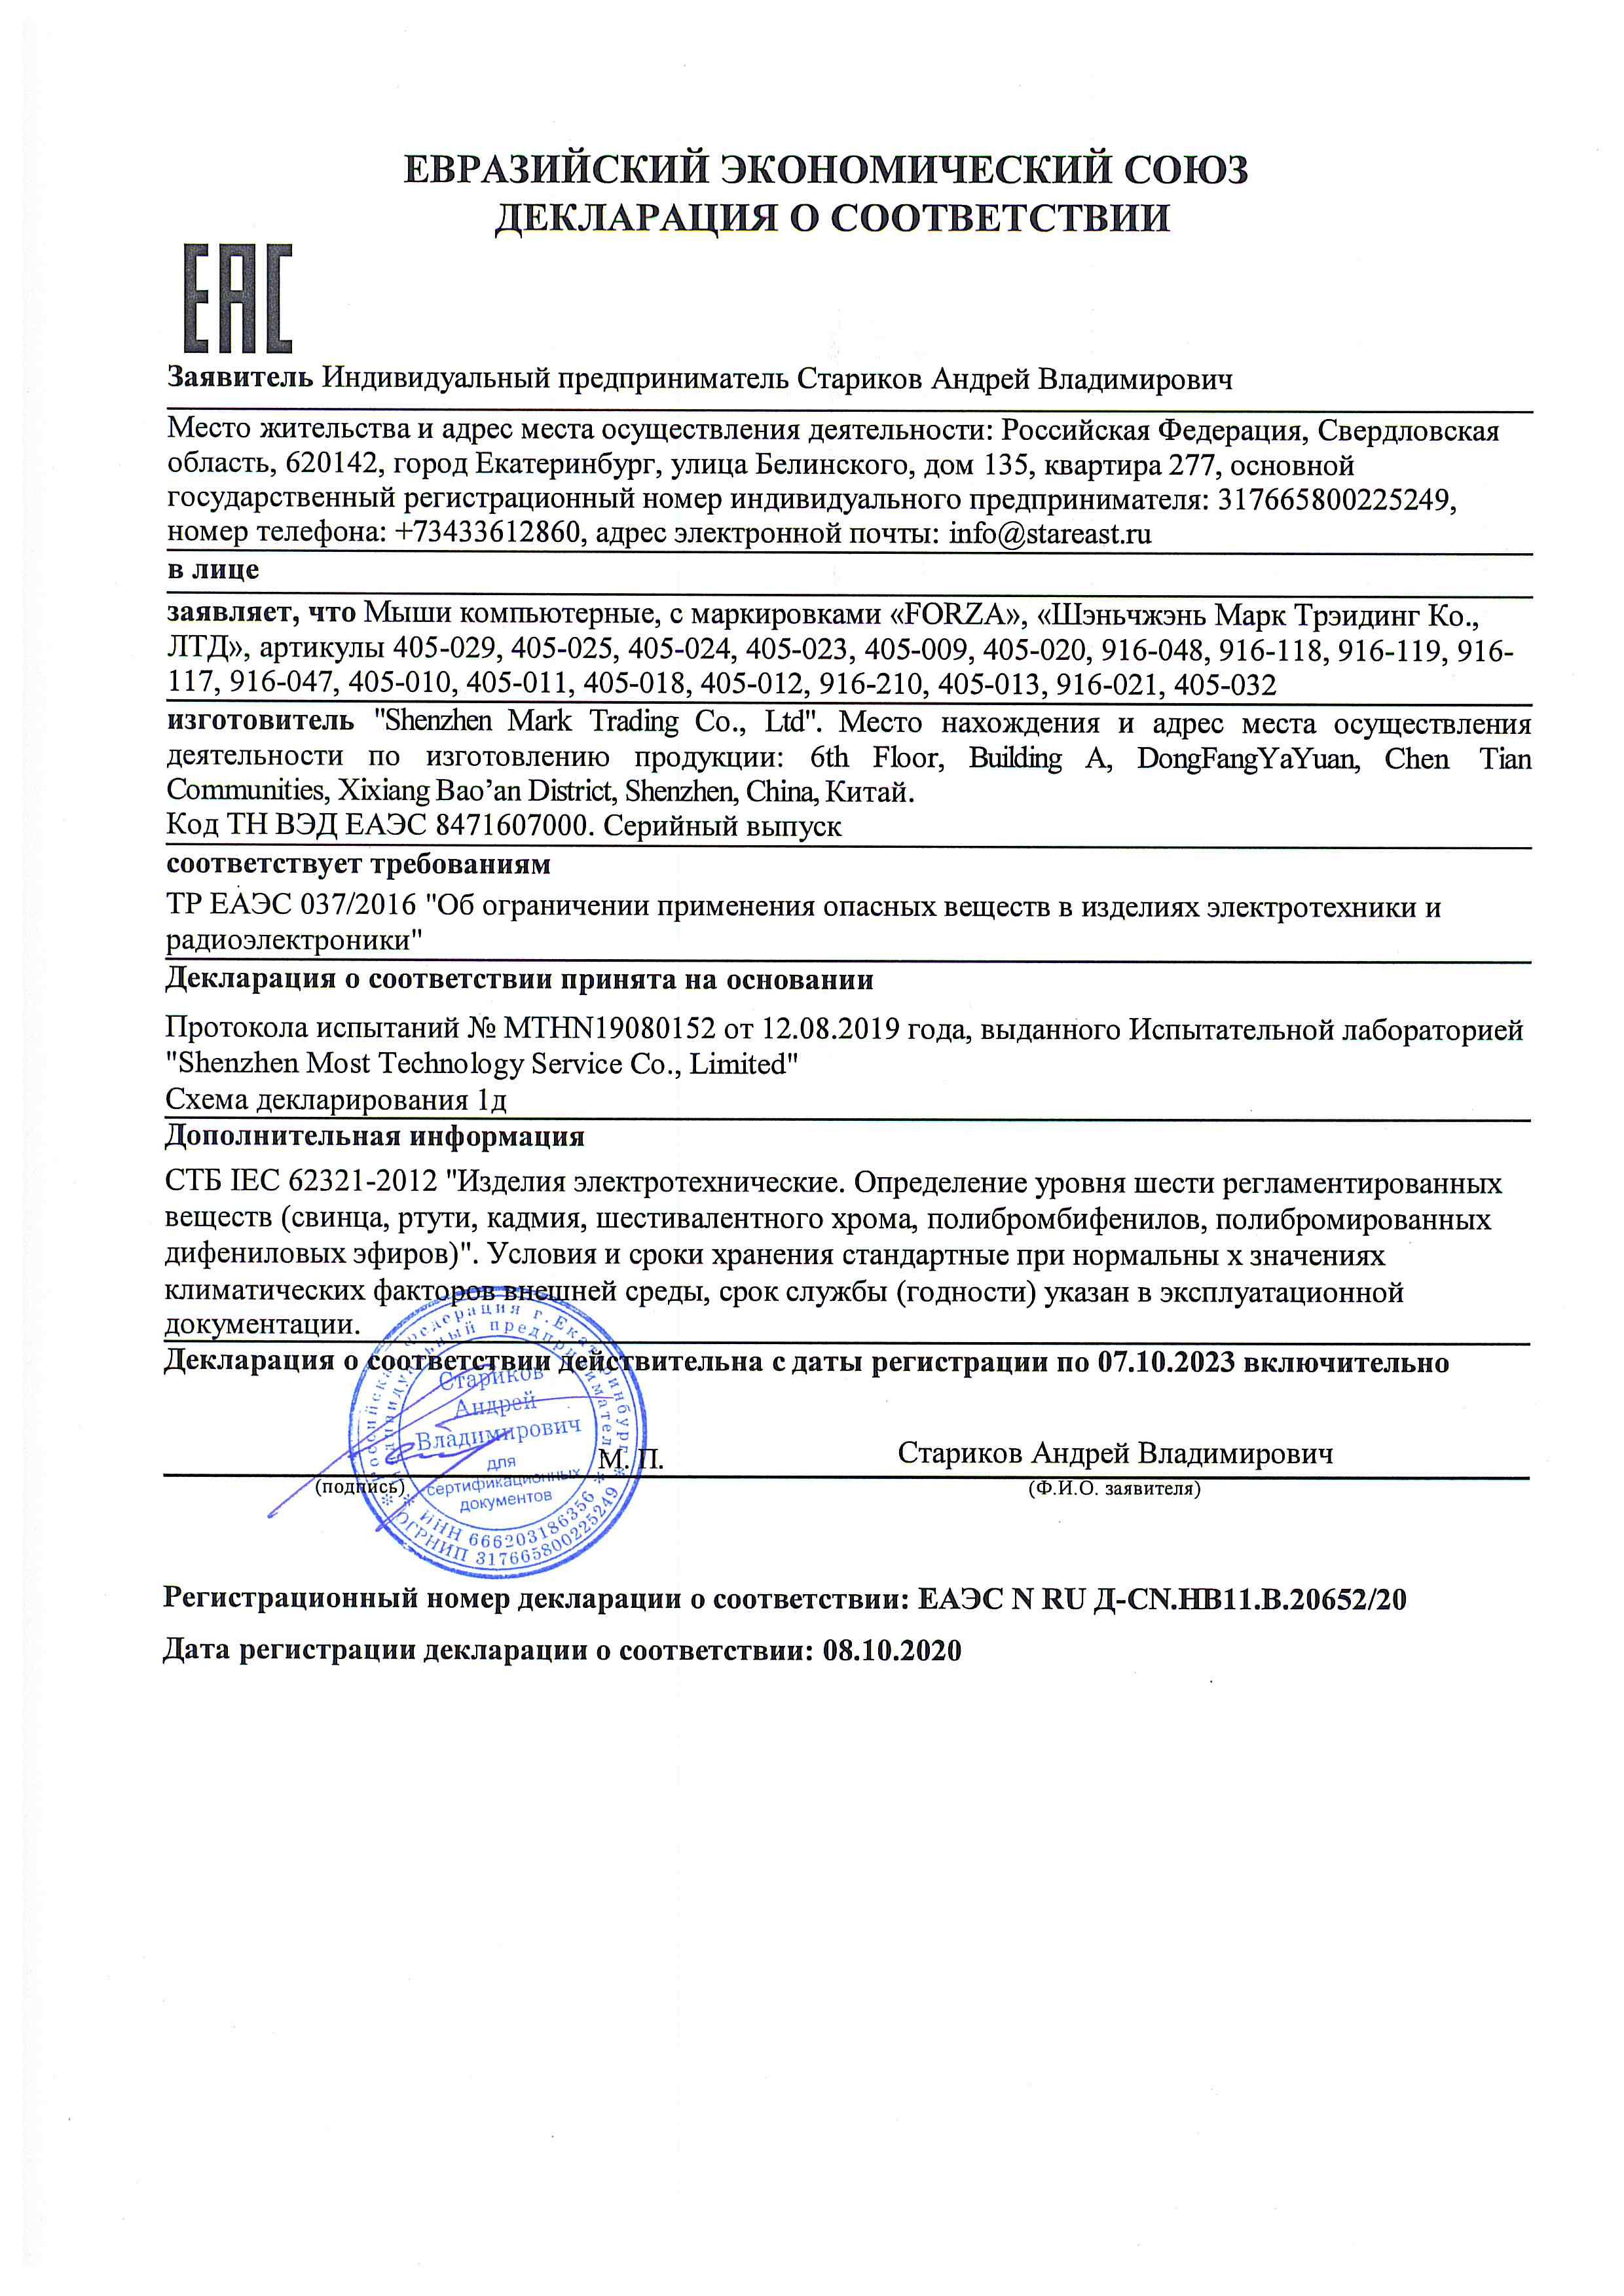 RUD-CN.NV11.V.20652_20.jpg